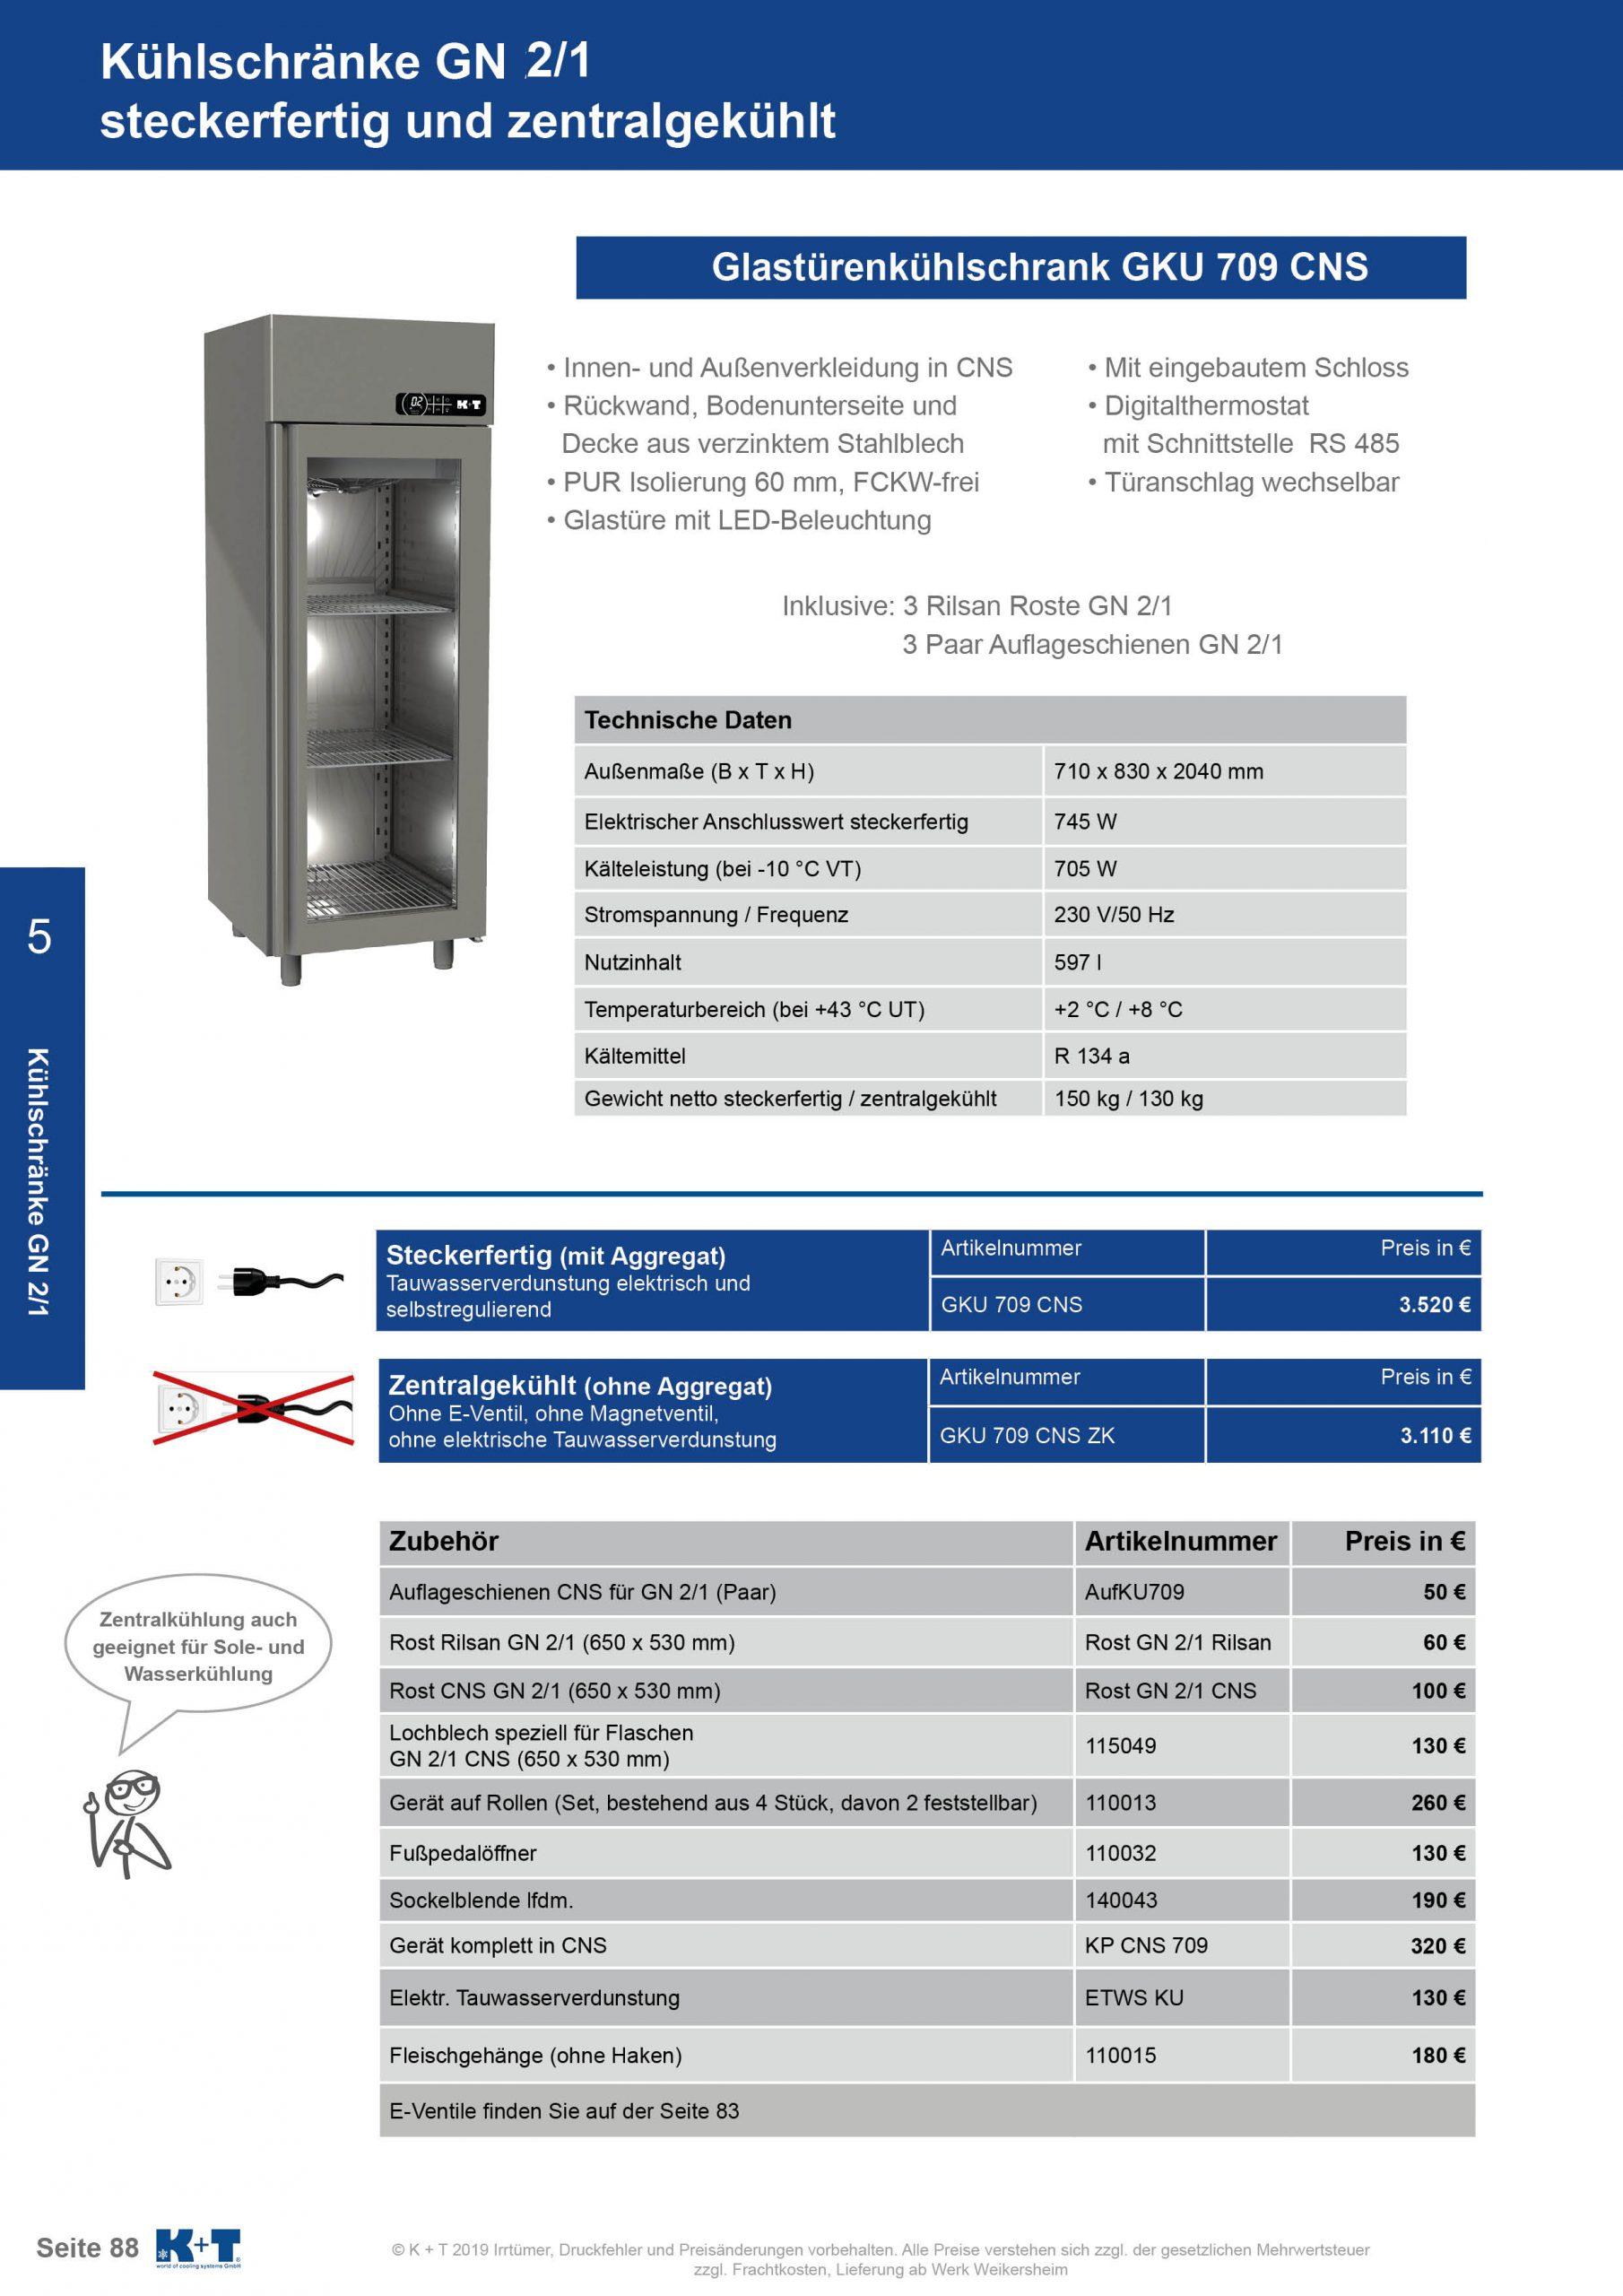 Kühlschränke GN 2_1 Glastürenkühlschrank steckerfertig